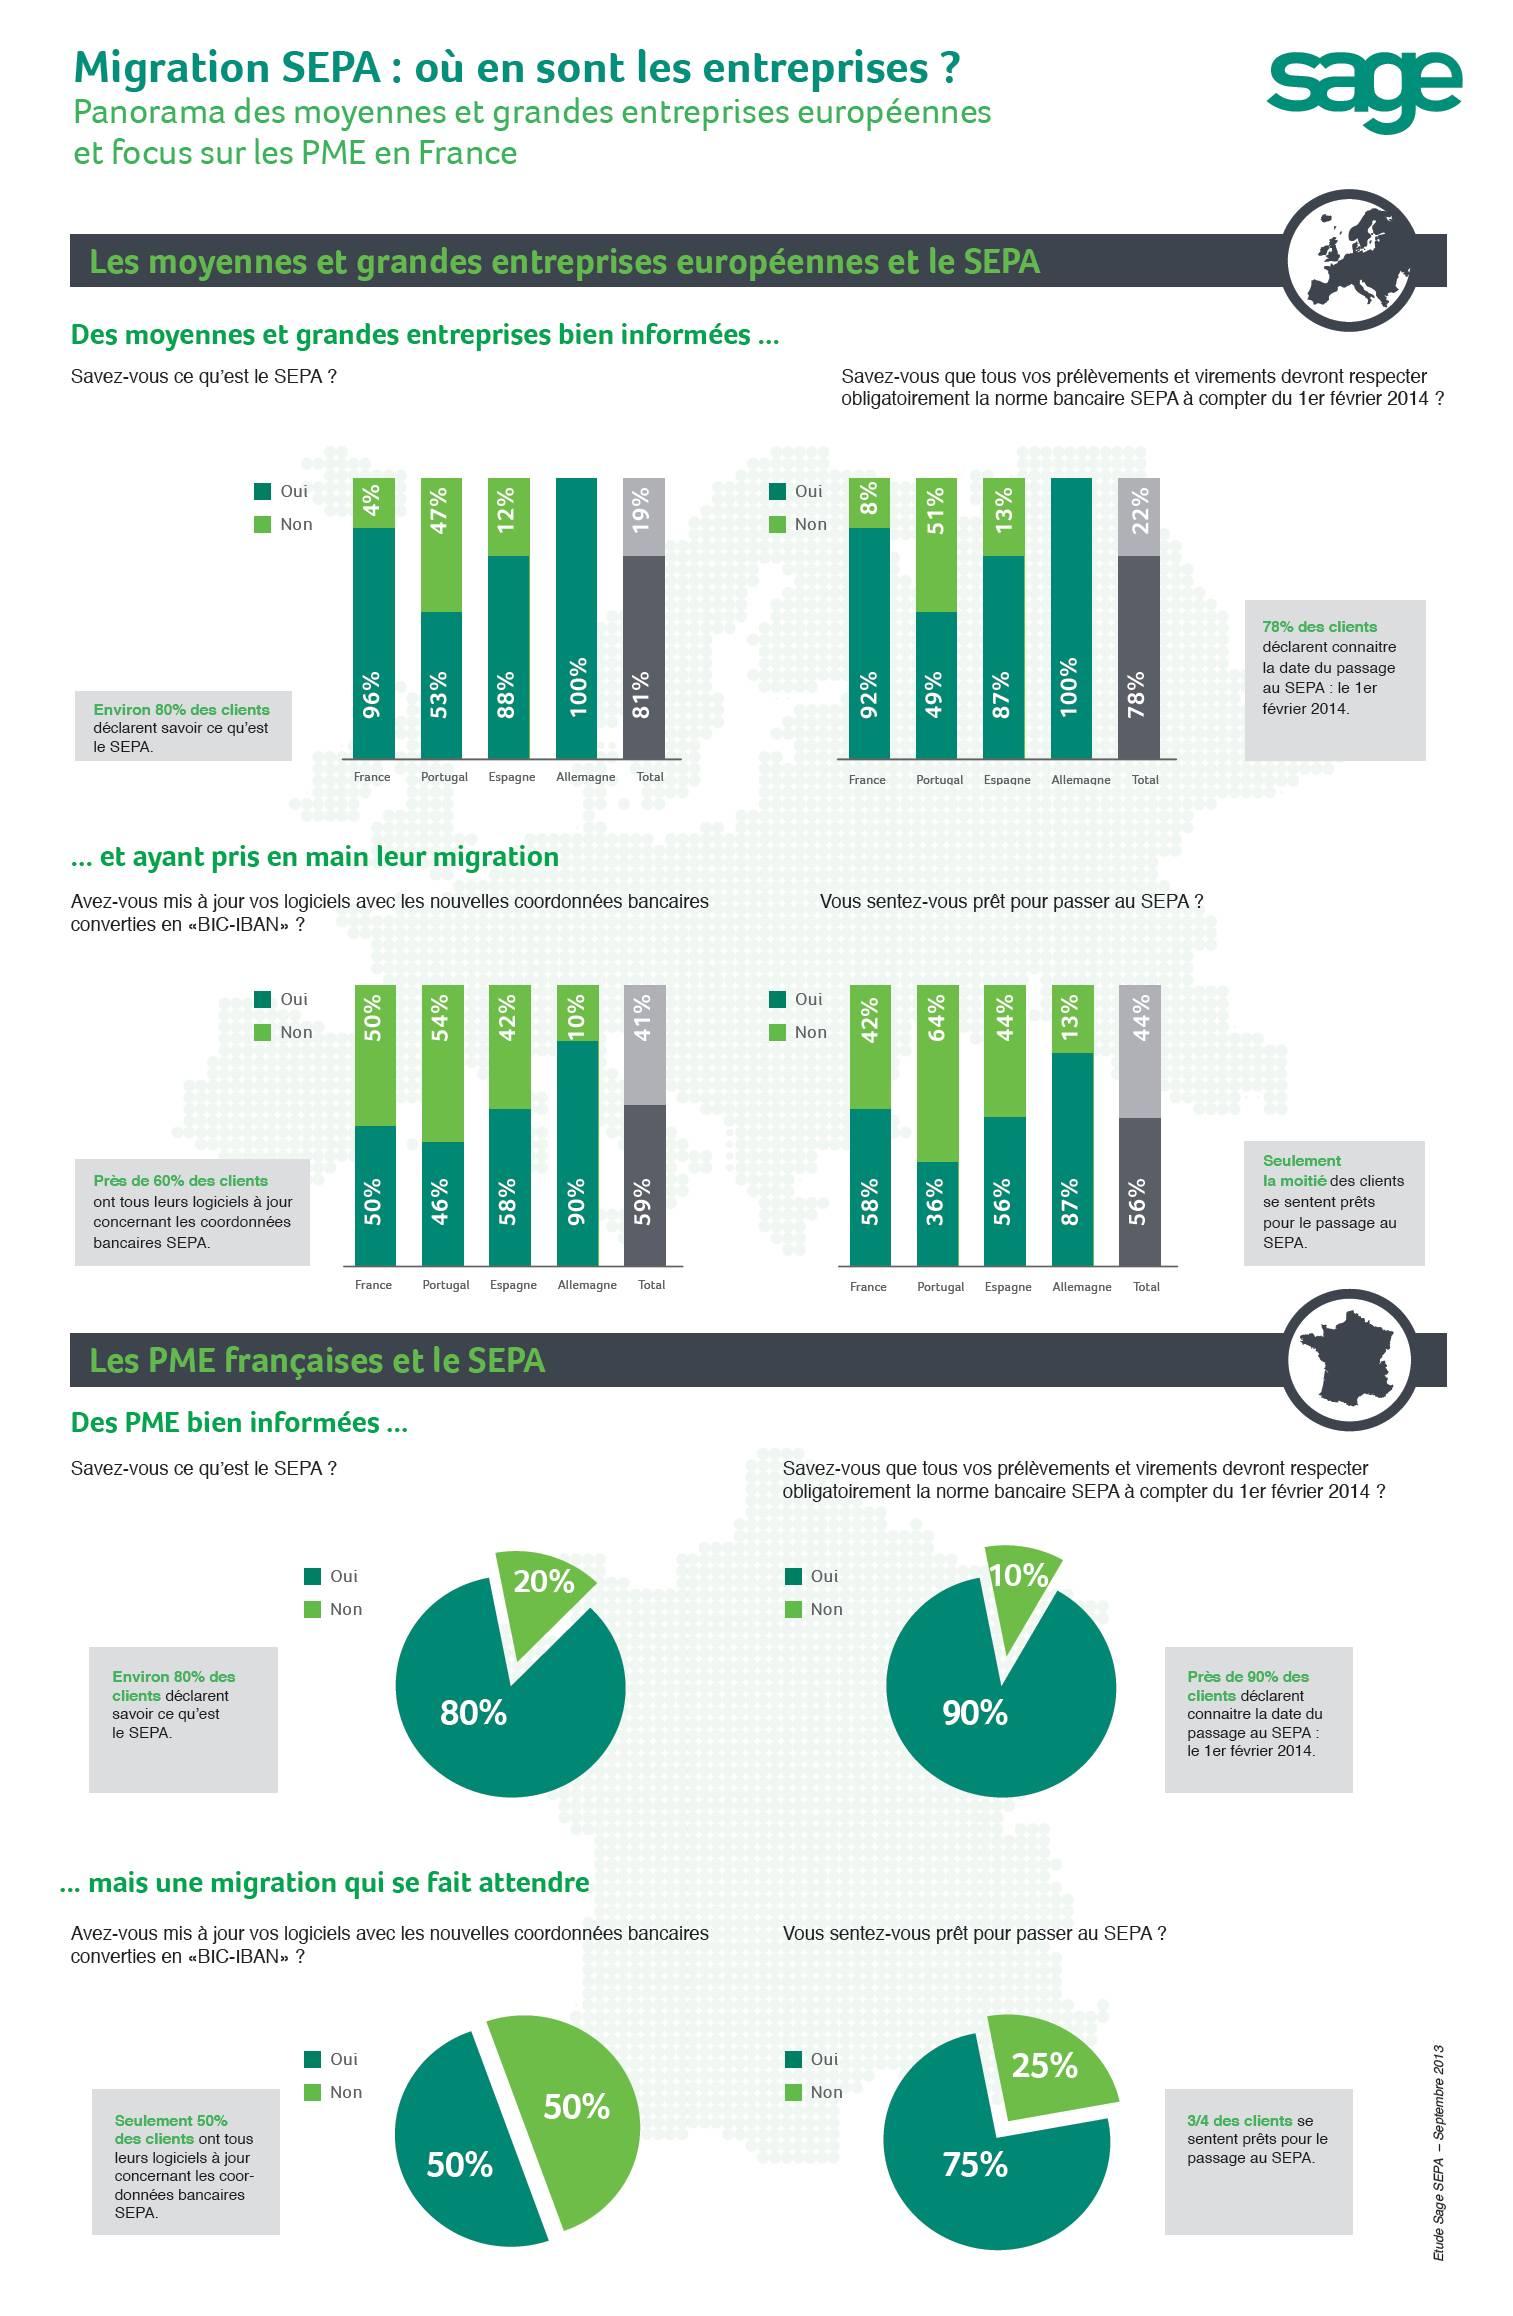 Migration SEPA : où en sont les entreprises ?